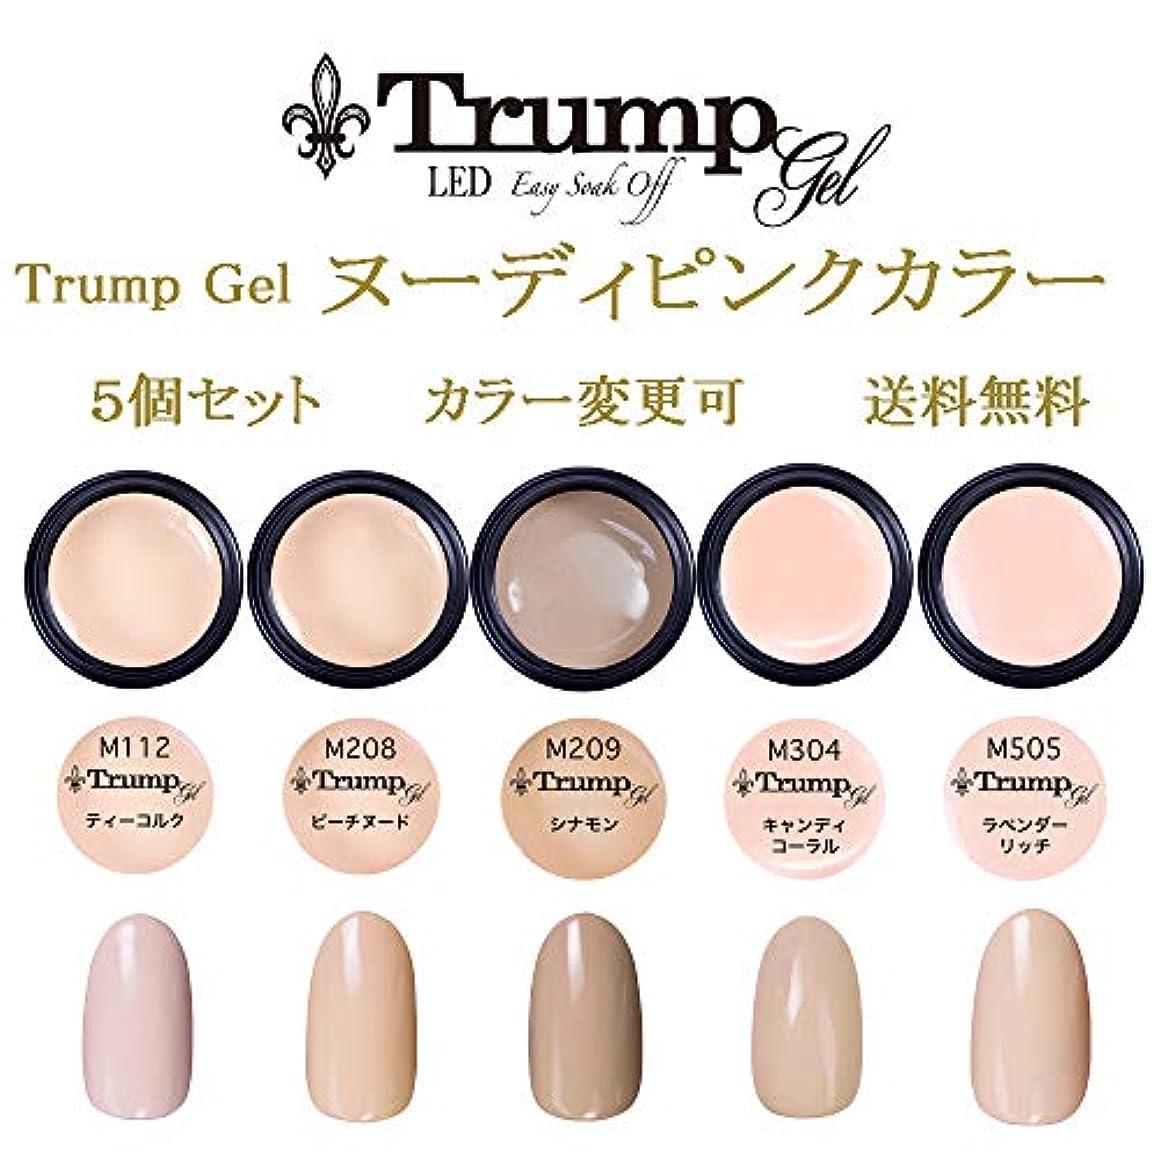 選択クリープ減る日本製 Trump gel トランプジェル ヌーディピンク 選べる カラージェル 5個セット ピンク ベージュ ヌーディカラー